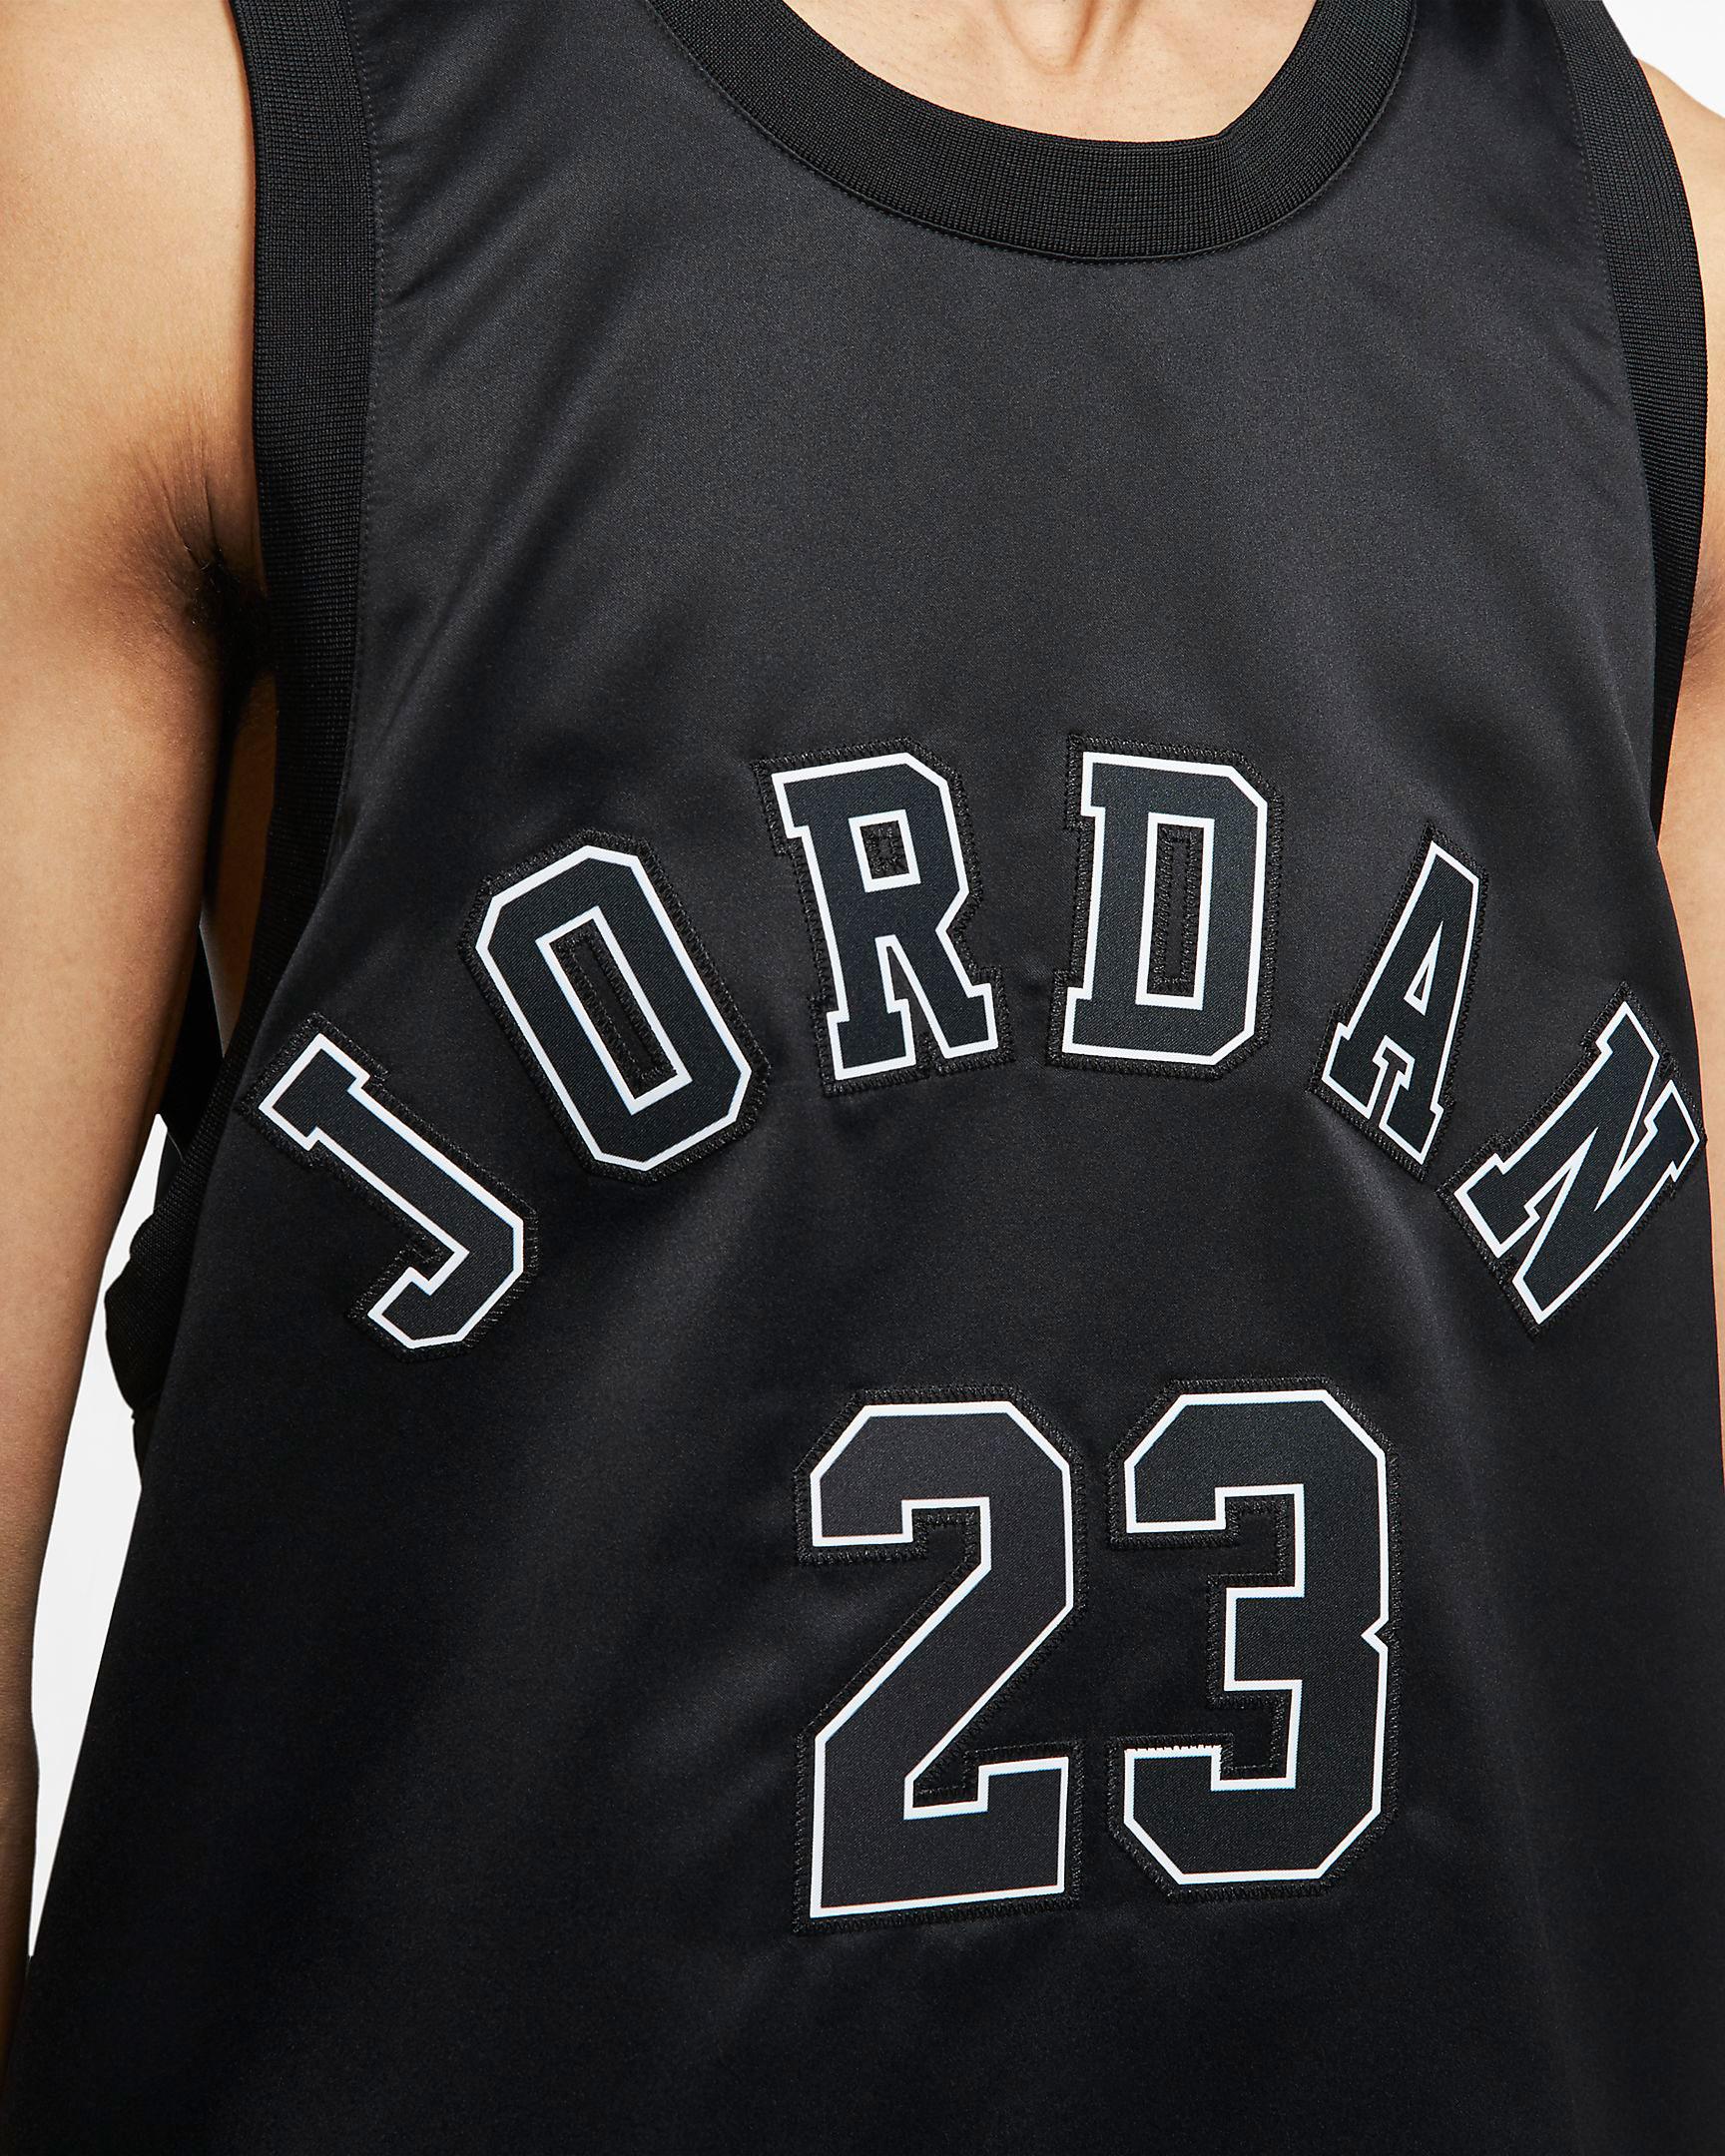 jordan-13-cap-and-gown-tank-top-match-3